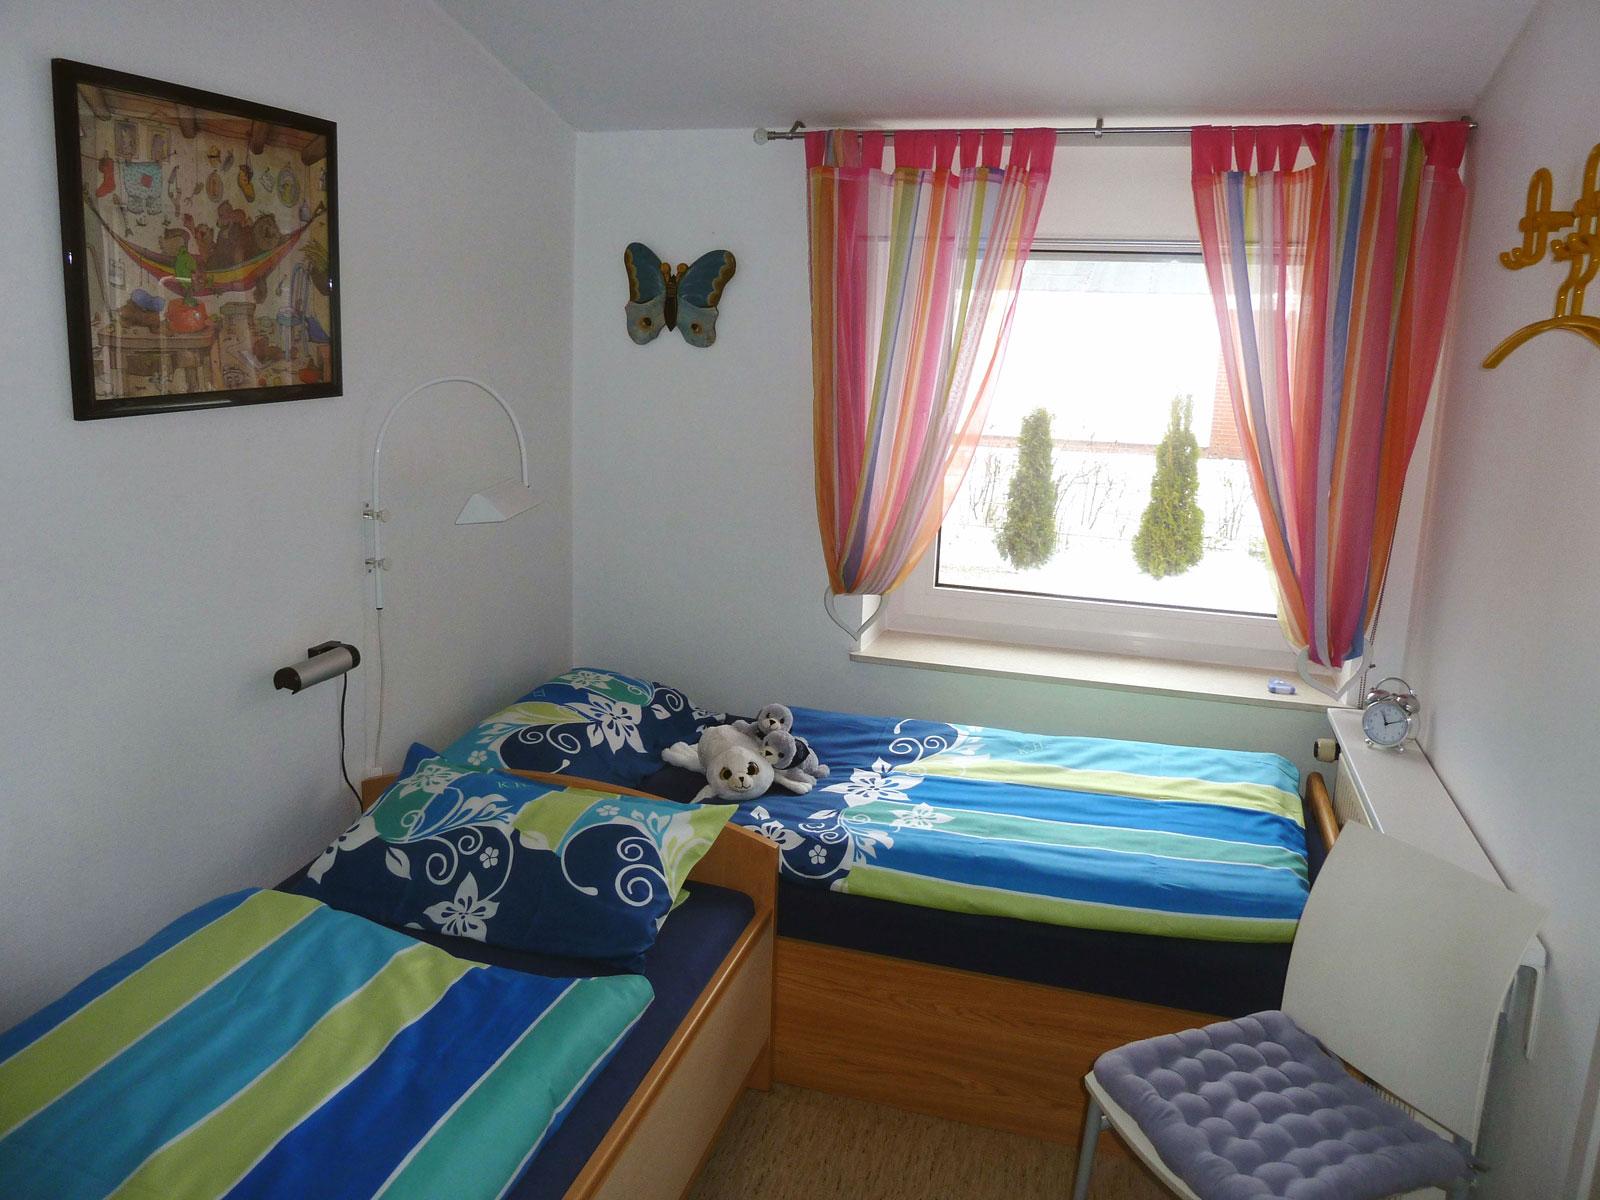 Kinderzimmer im Ferienhaus Kolks Huus Besanweg 9 in Neuharlingersiel mit Rolläden und Insektenschutz, Bequemes Wohnen mit 2 Schlafzimmern